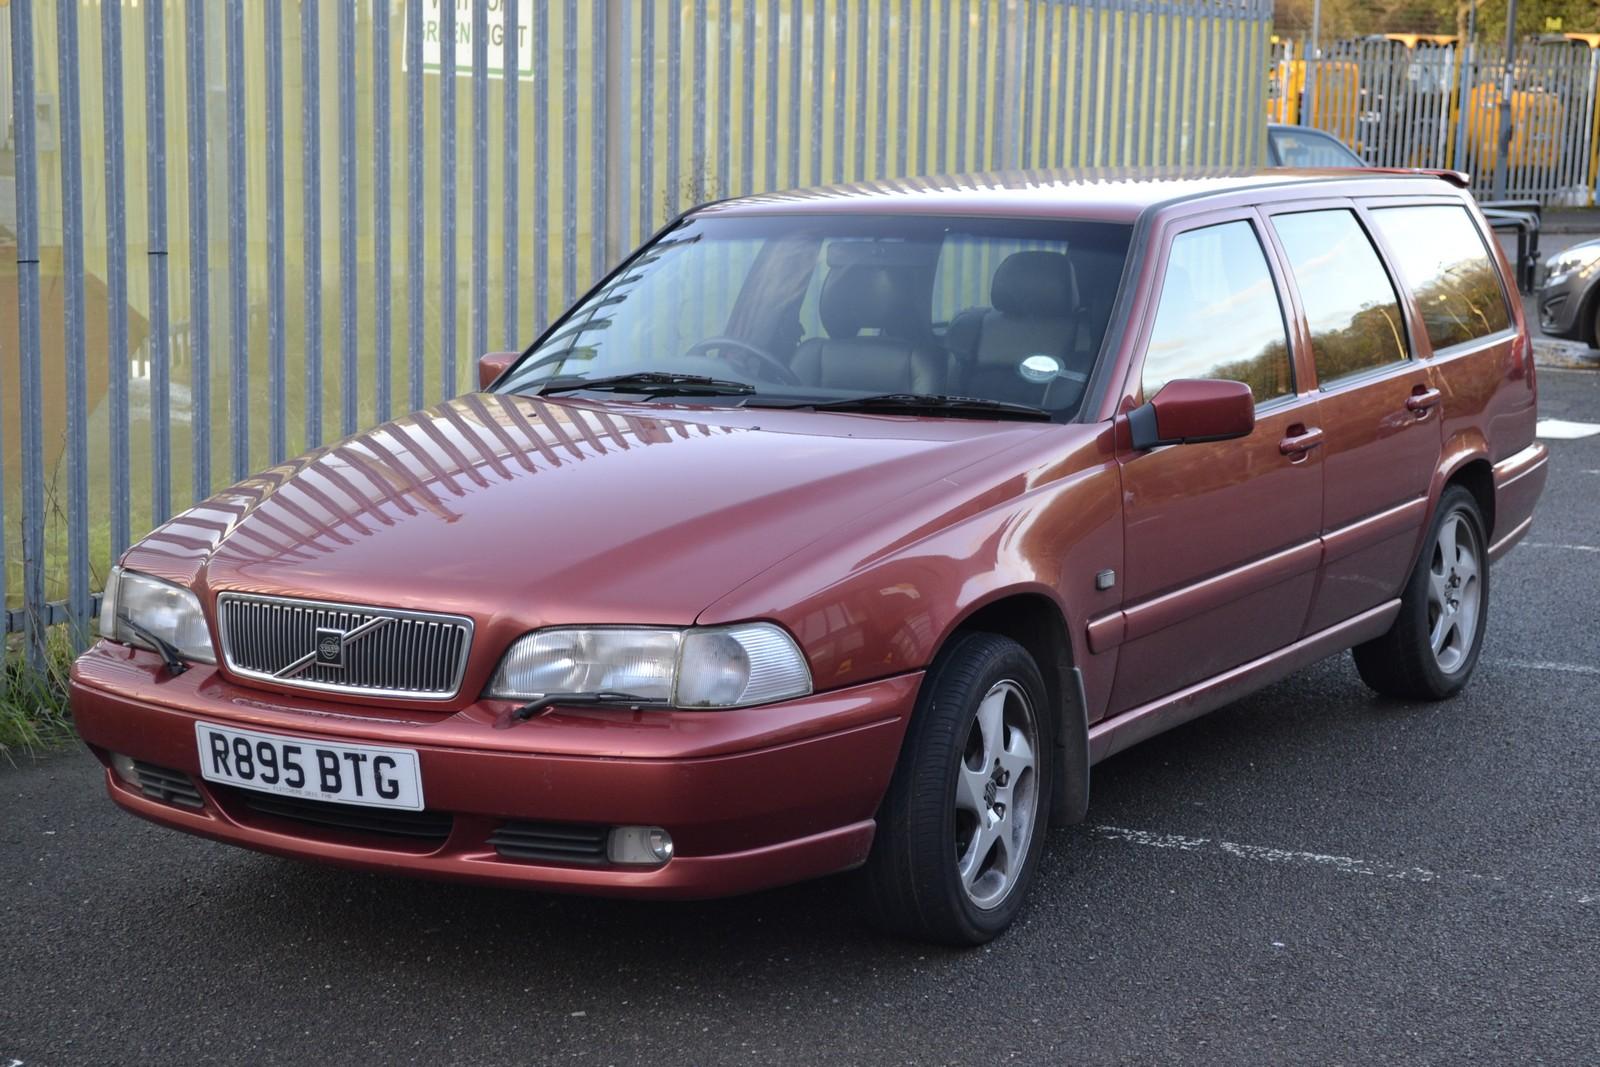 A Volvo V70 CD 10V estate car registration number R 895 BTG, date of